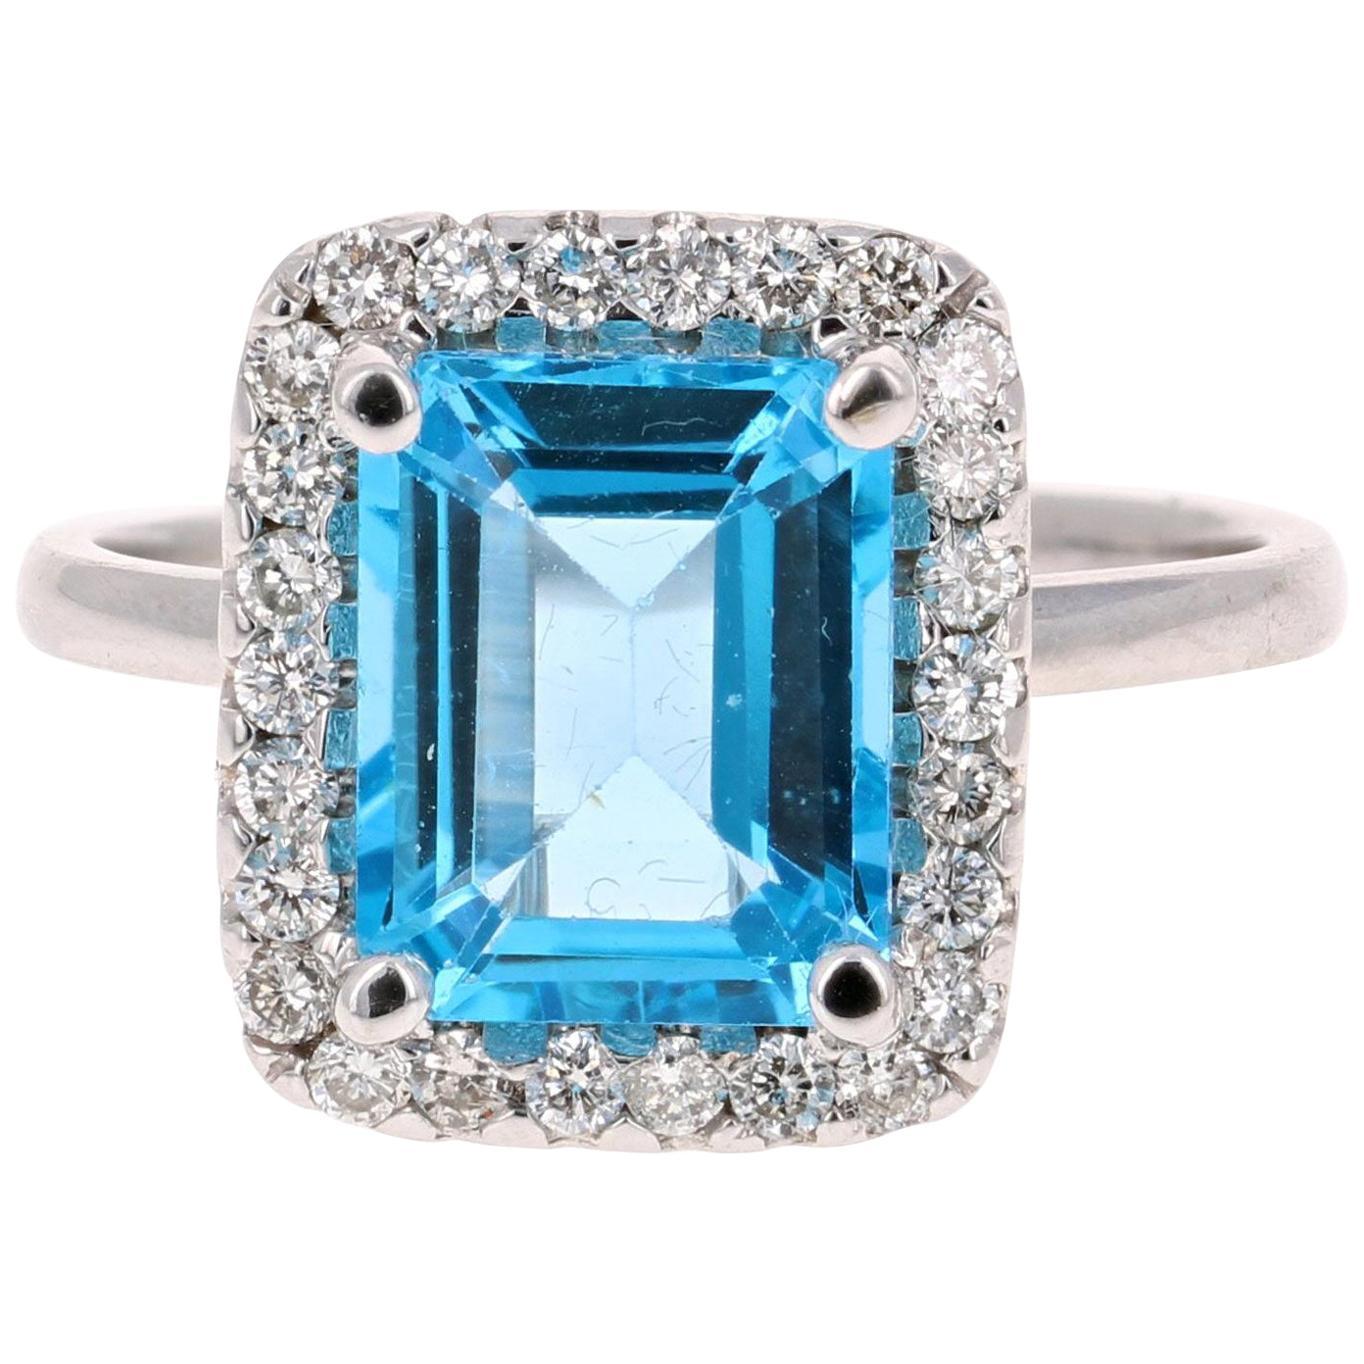 4.35 Carat Blue Topaz Diamond 14 Karat White Gold Cocktail Ring